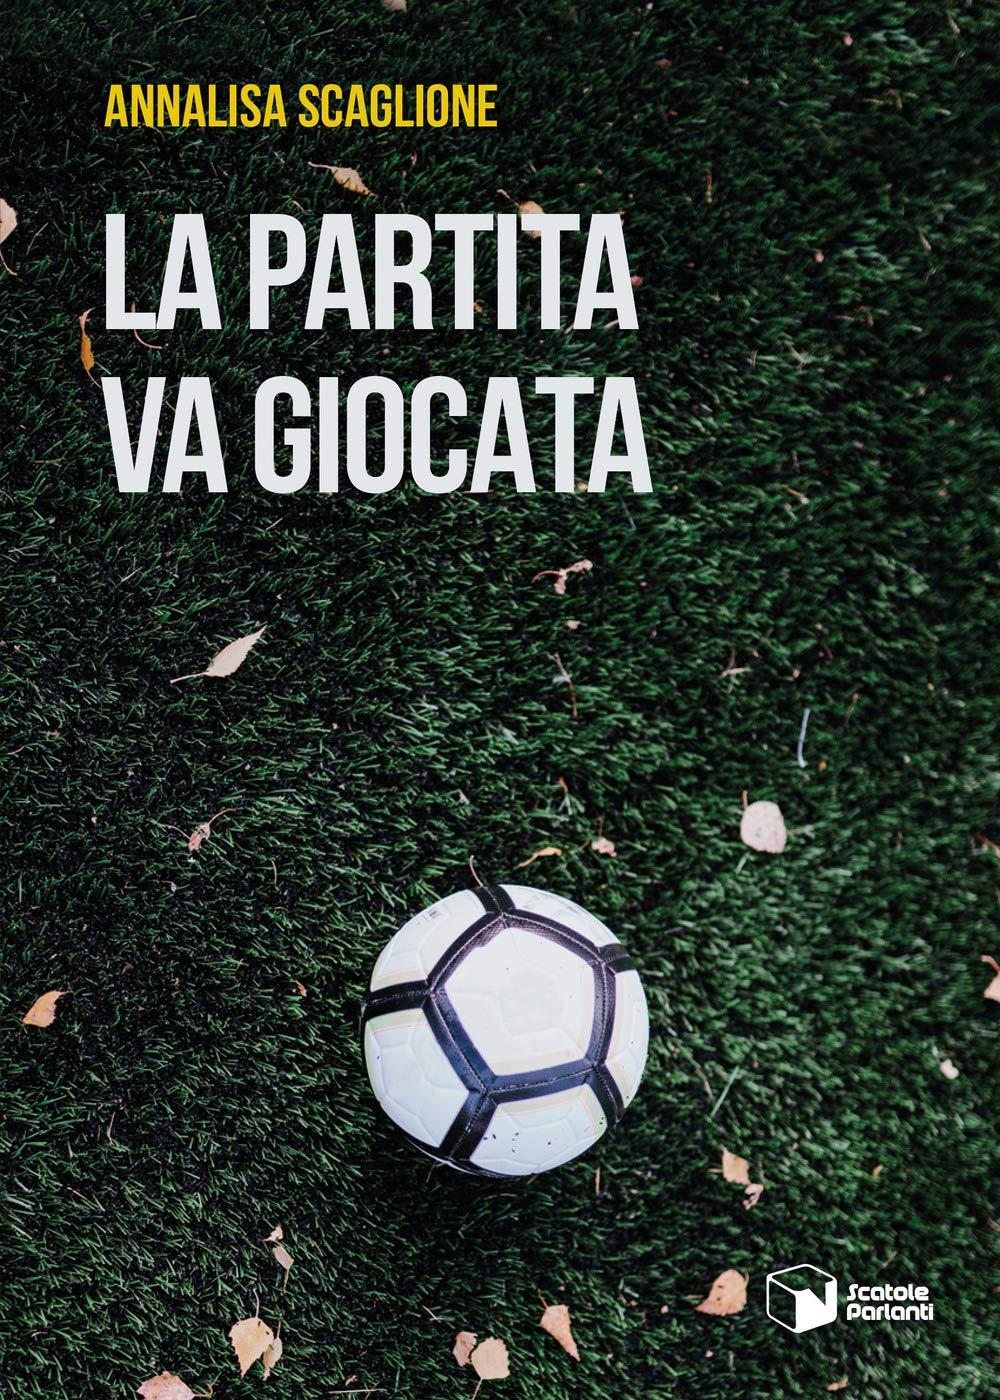 Un thriller sul campo: La partita va giocata, il nuovo romanzo di Annalisa Scaglione